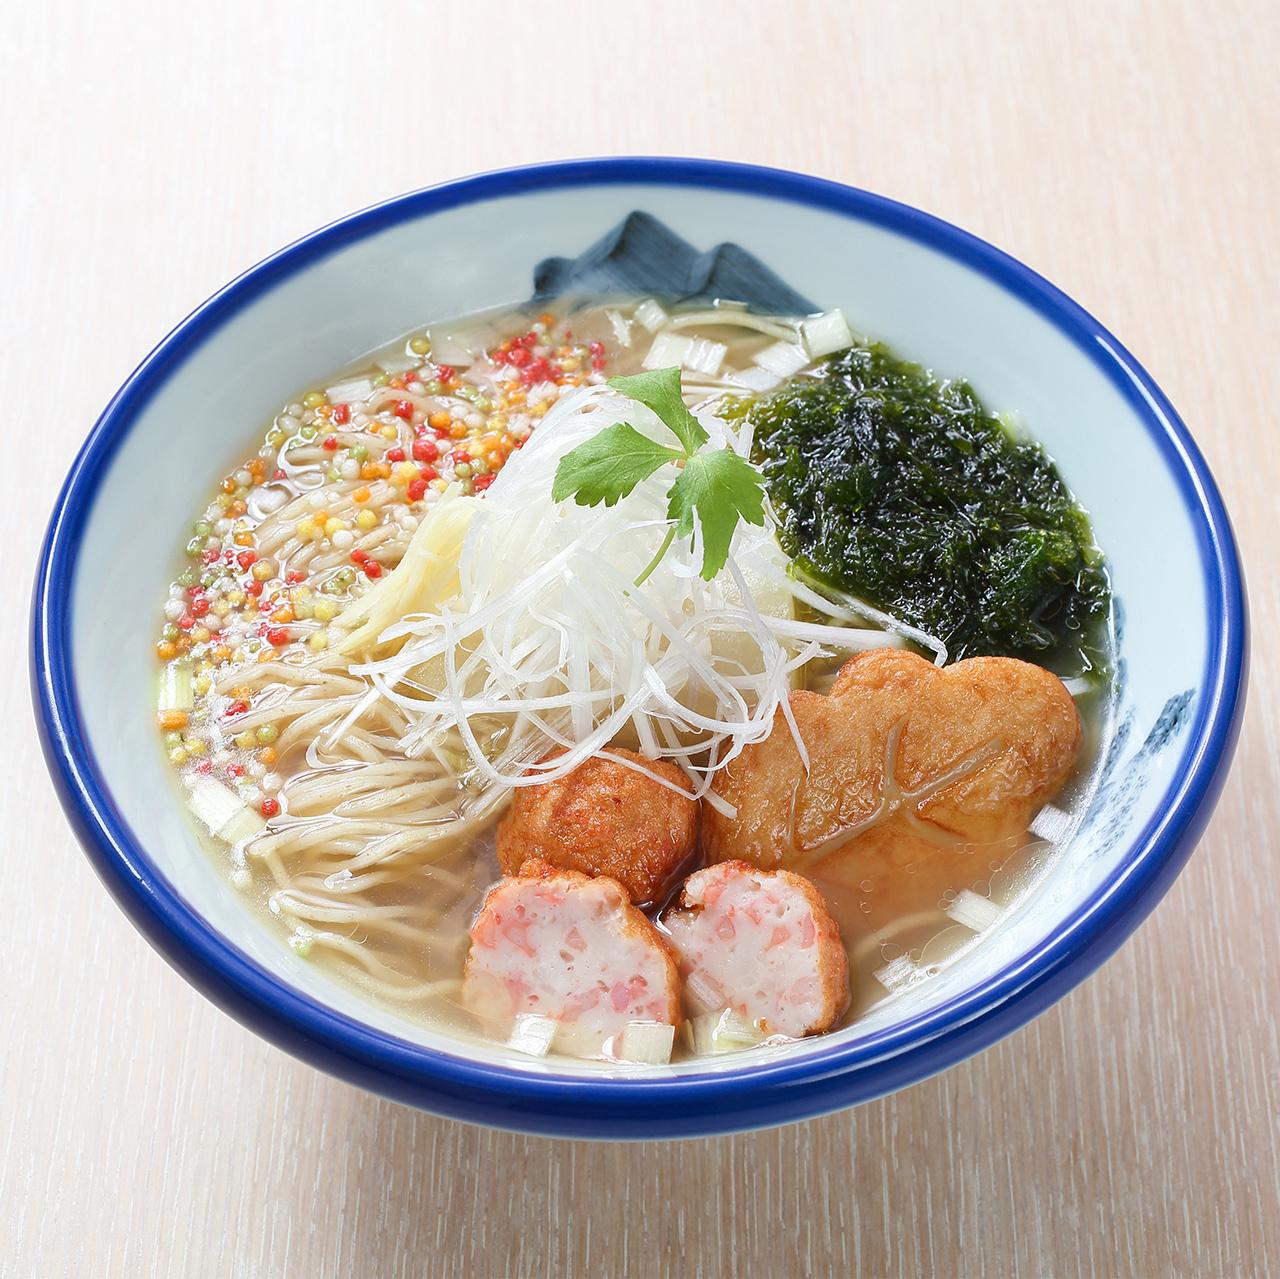 【春限定】鈴廣かまぼこ × AFURI 真鯛のあら炊きらーめん